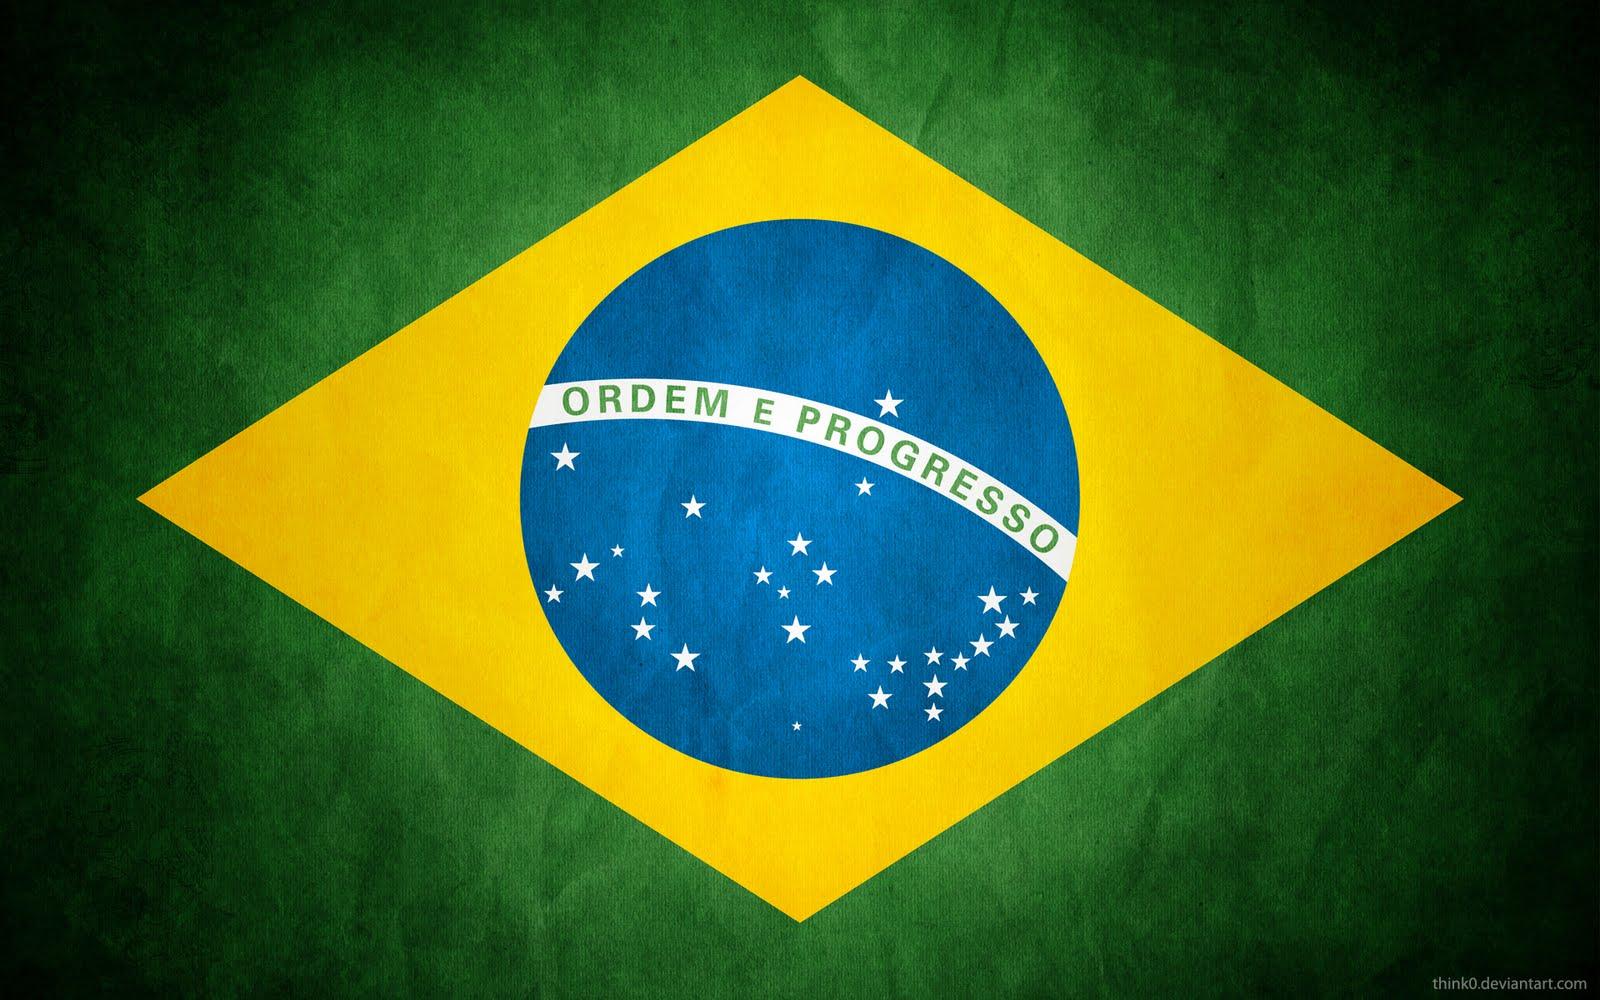 Independência do Brasil: Prefeitura informa sobre feriado